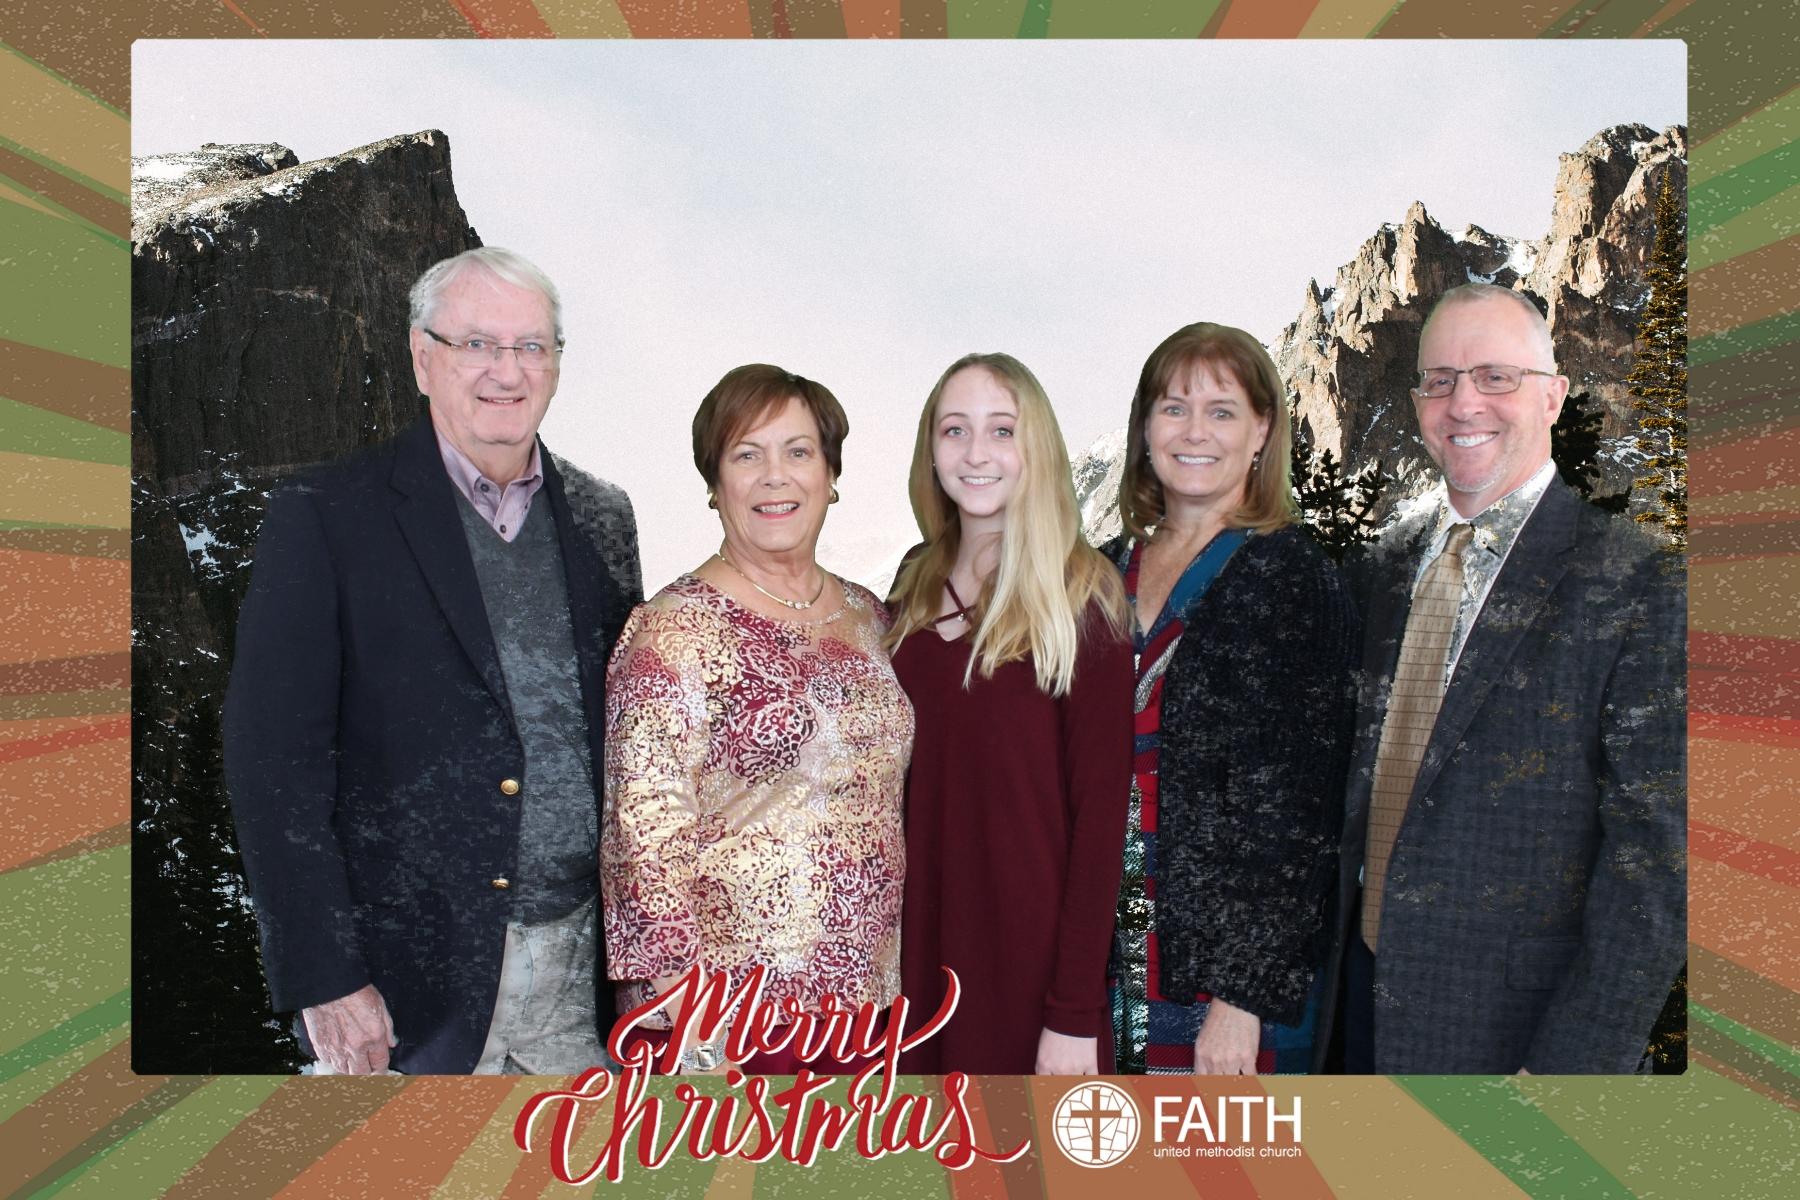 Faith2018_2018-12-24_15-22-22.jpg